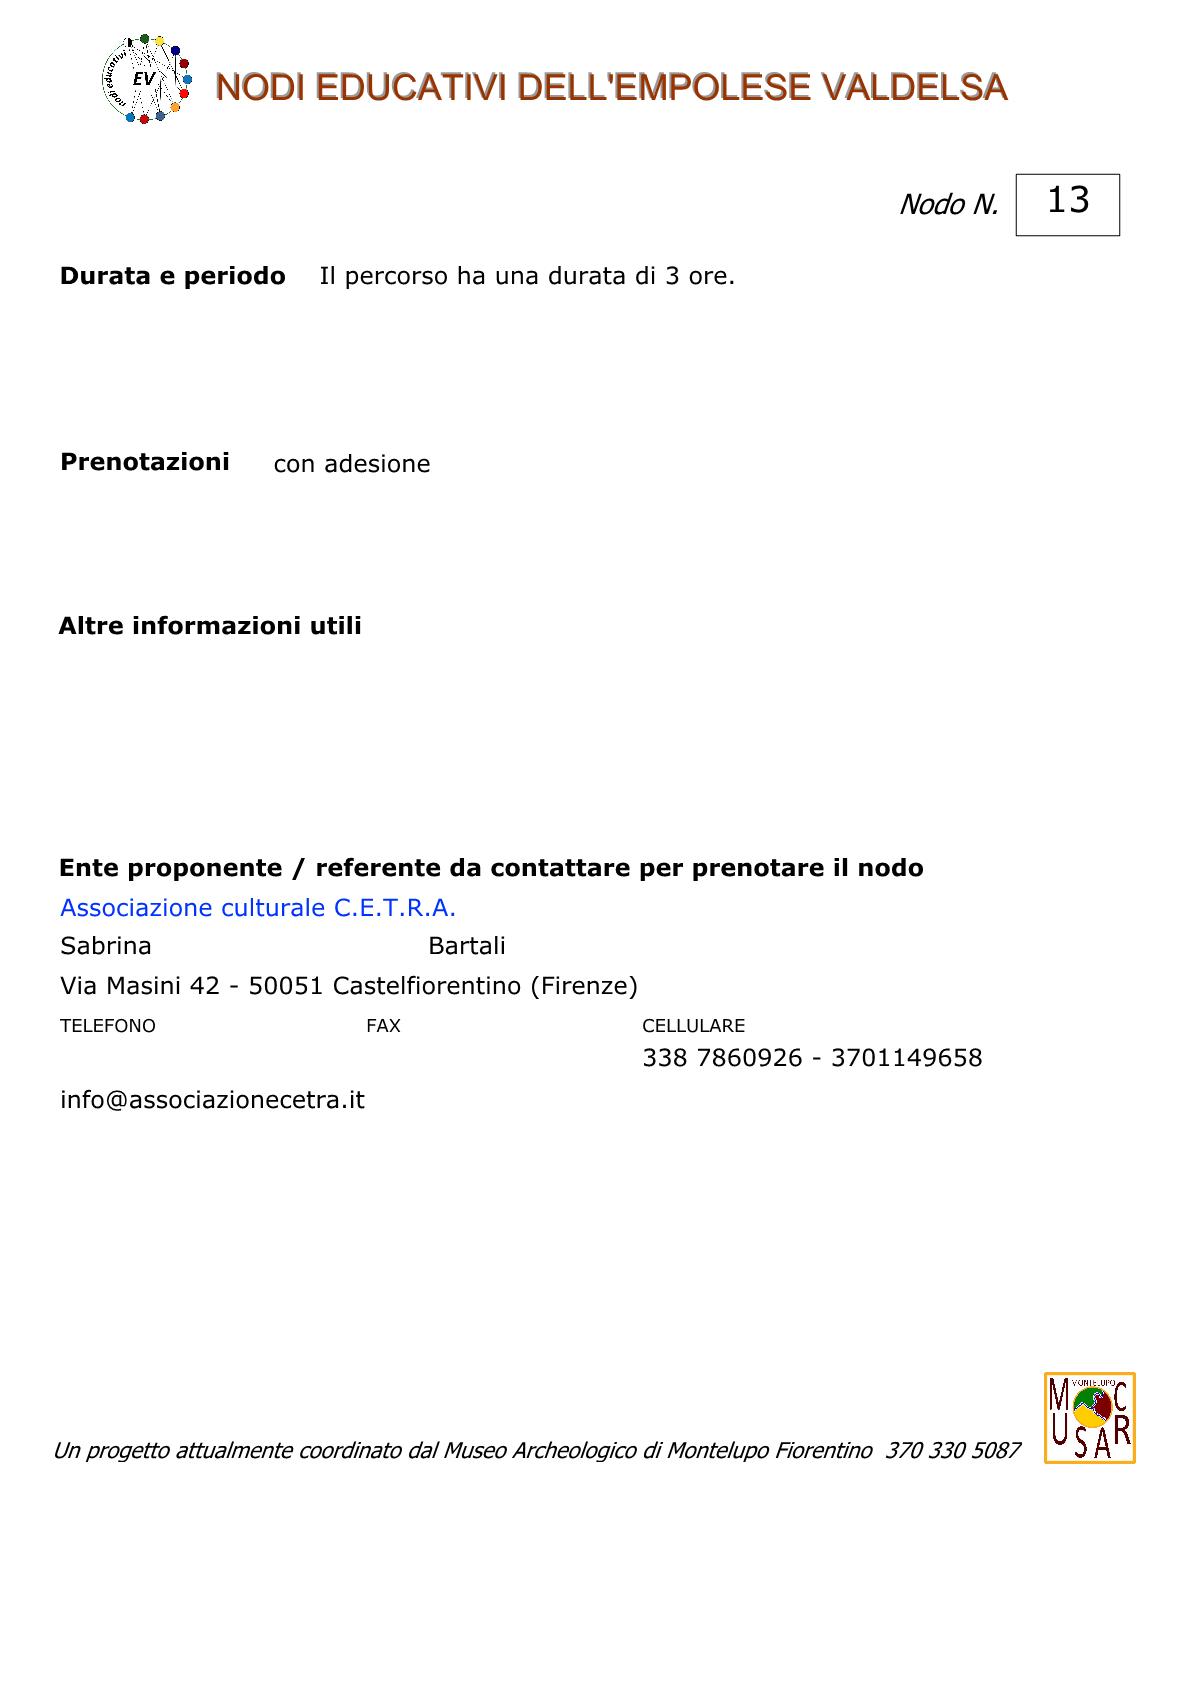 nodi-ev-161001-n-0133